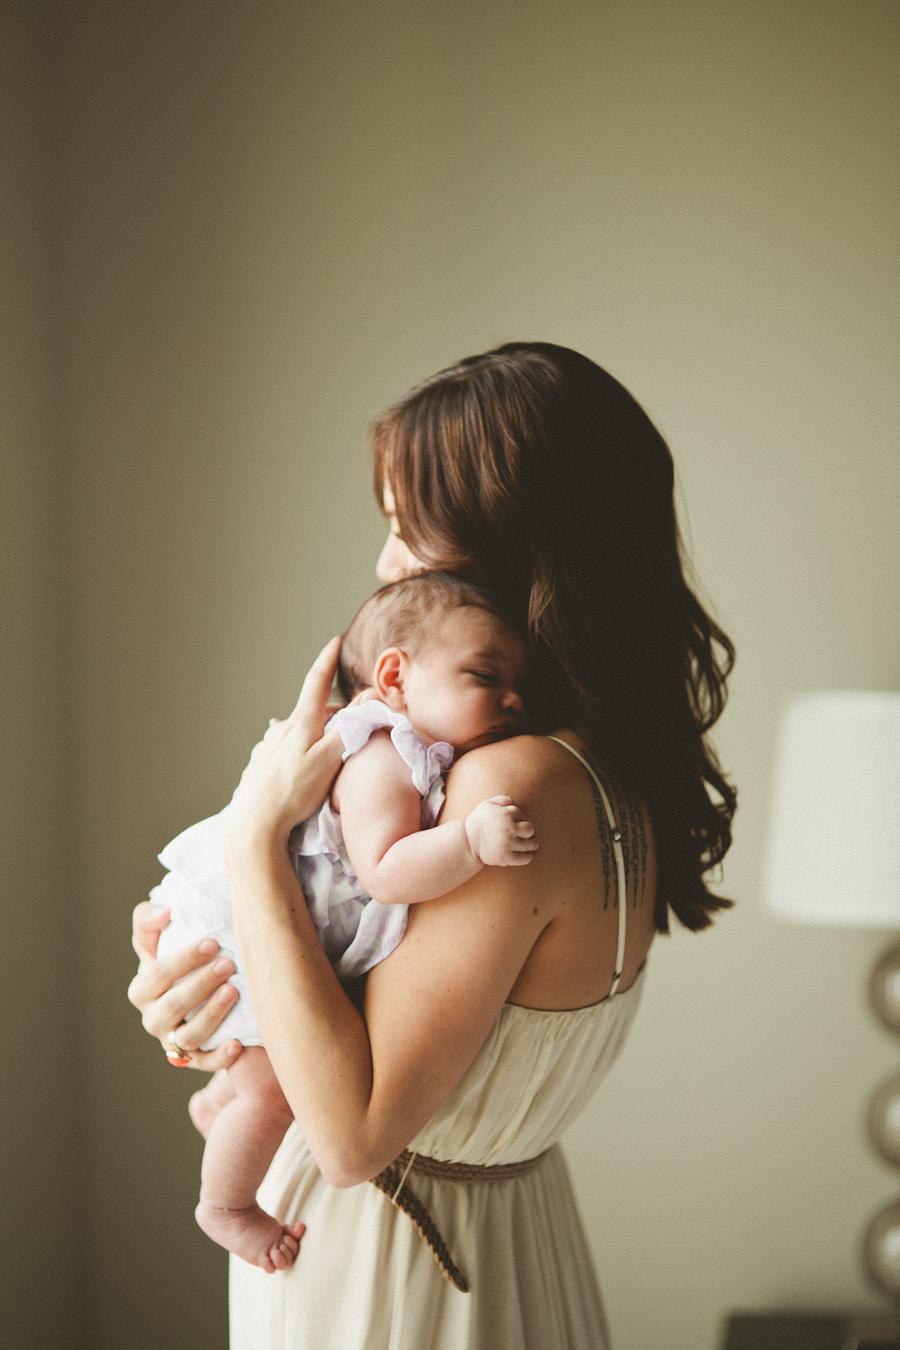 Фото девушки с ребенком на руках на аву